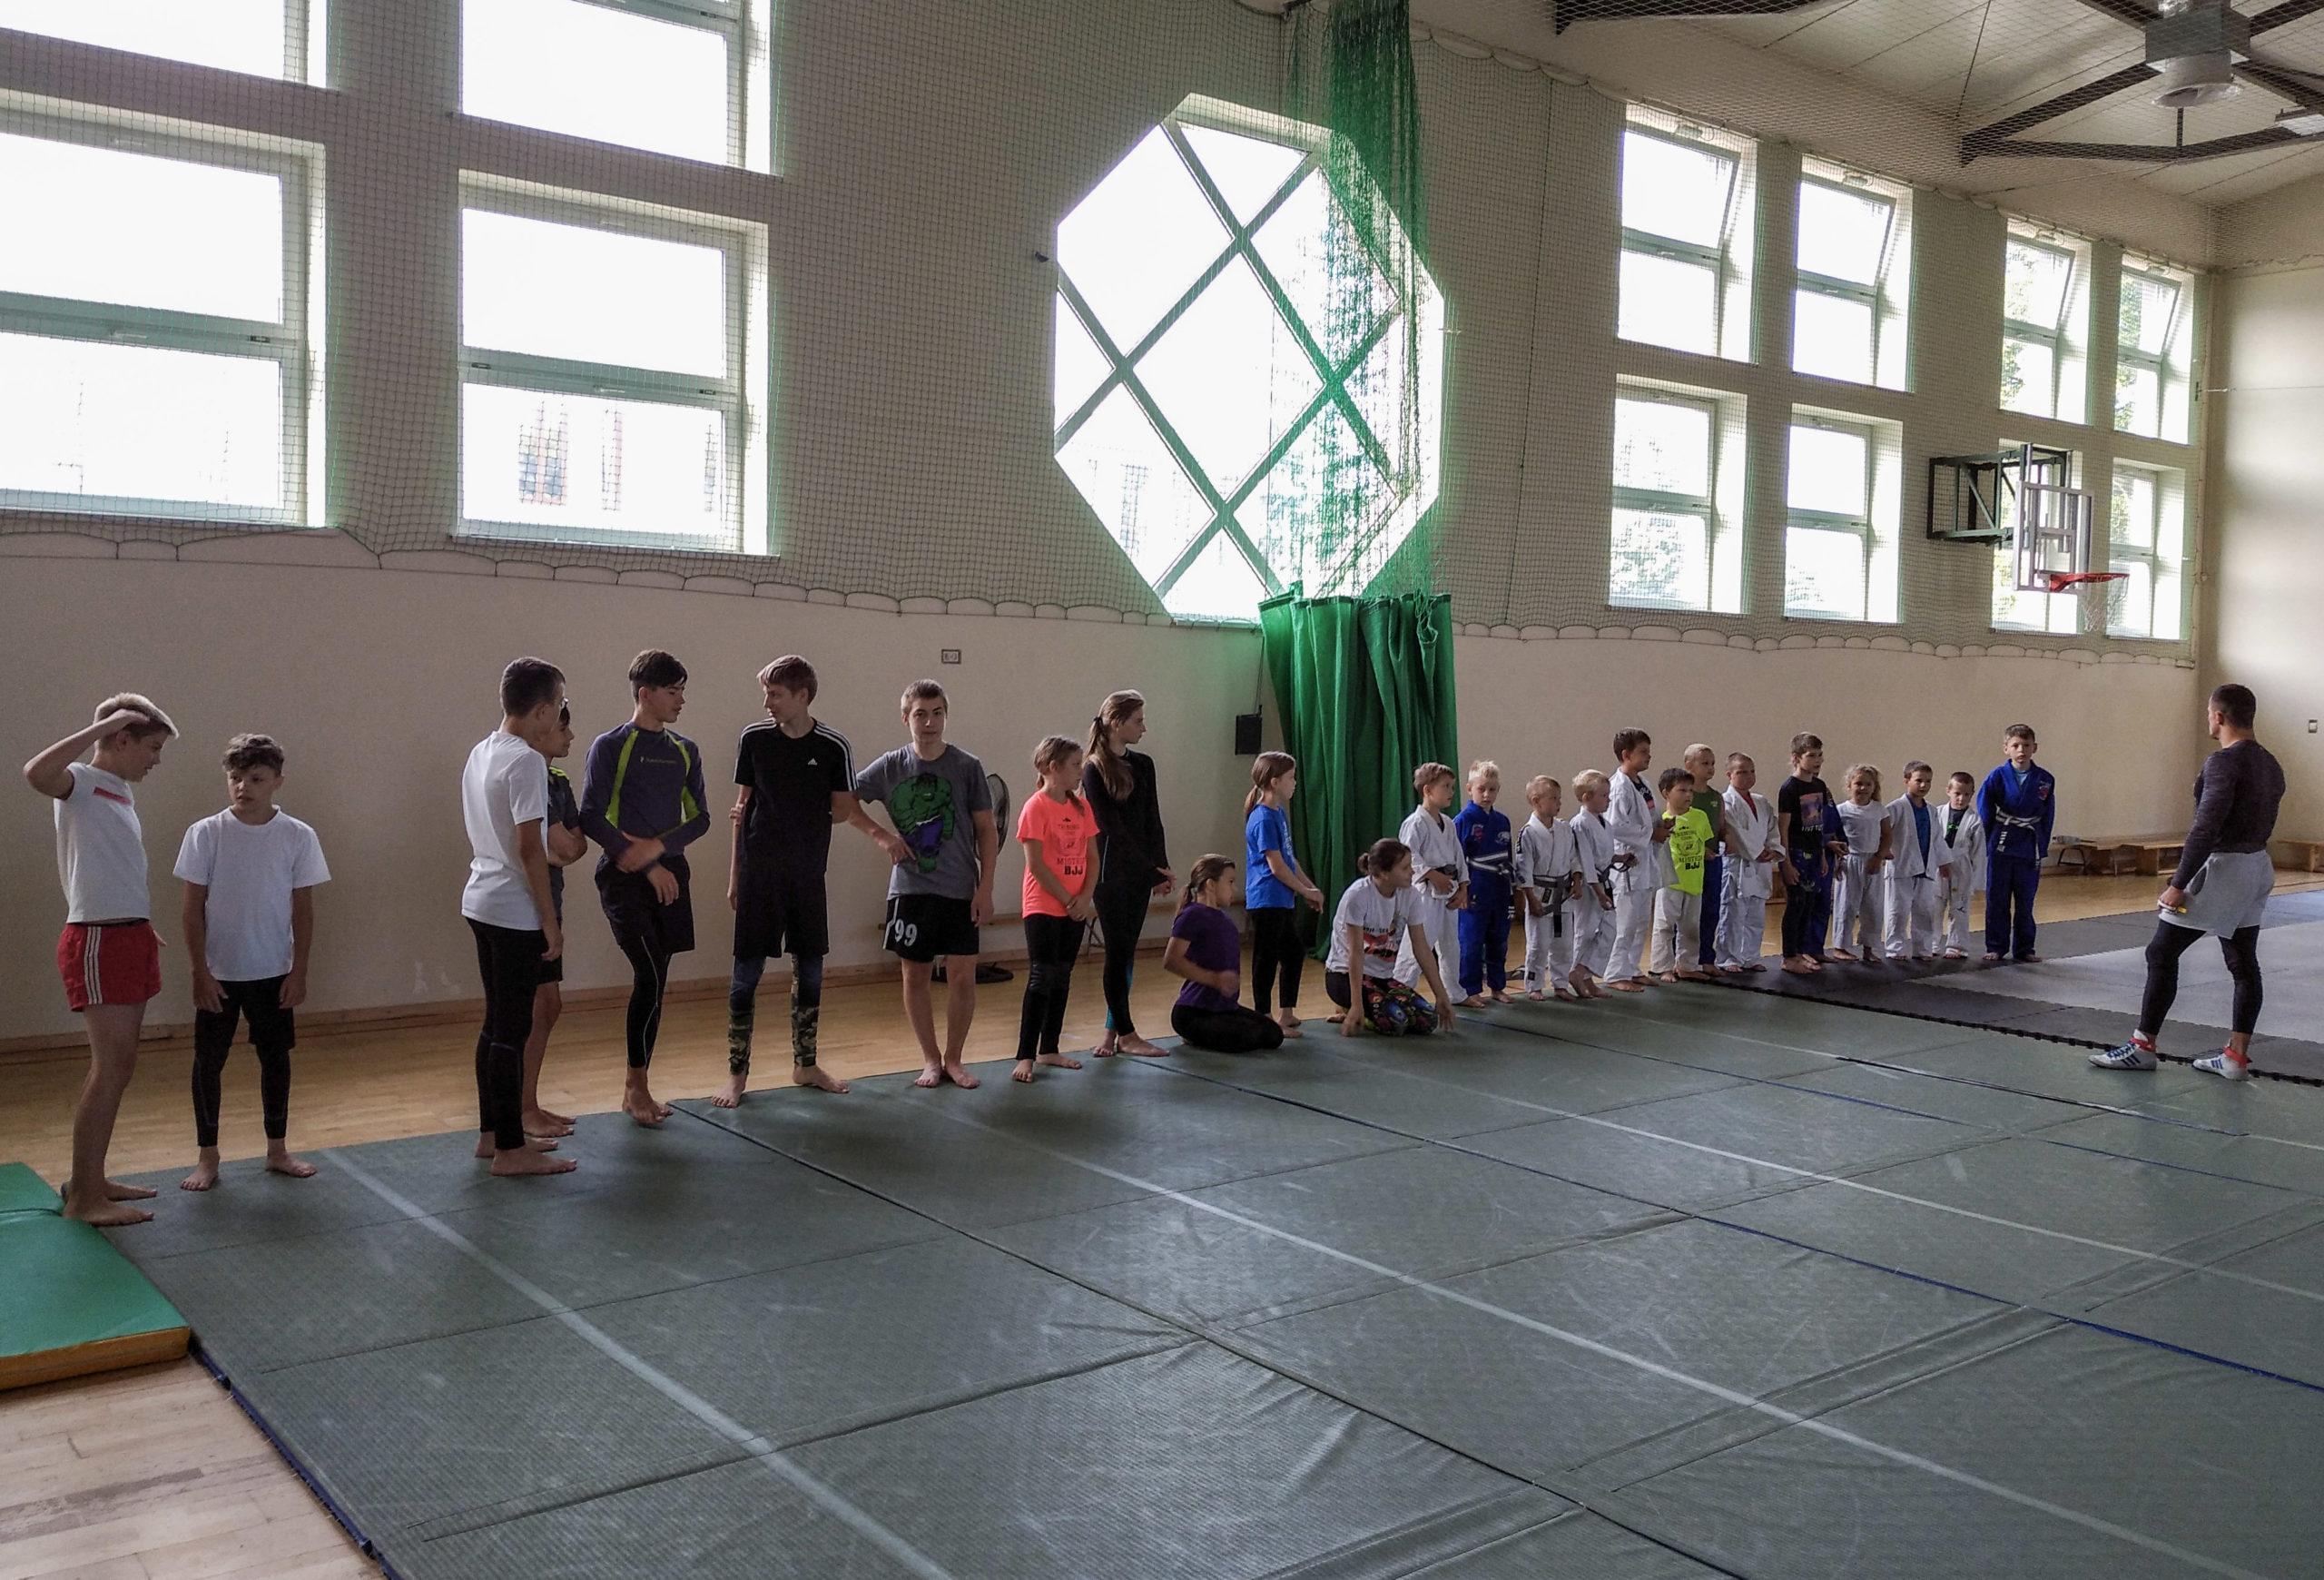 W hali sportowej przy Szkole Podstawowej im. C. K. Norwida w Zakręcie zawodnicy z klubu ORŁY ZAKRĘT trenowali w ramach obozu stacjonarnego